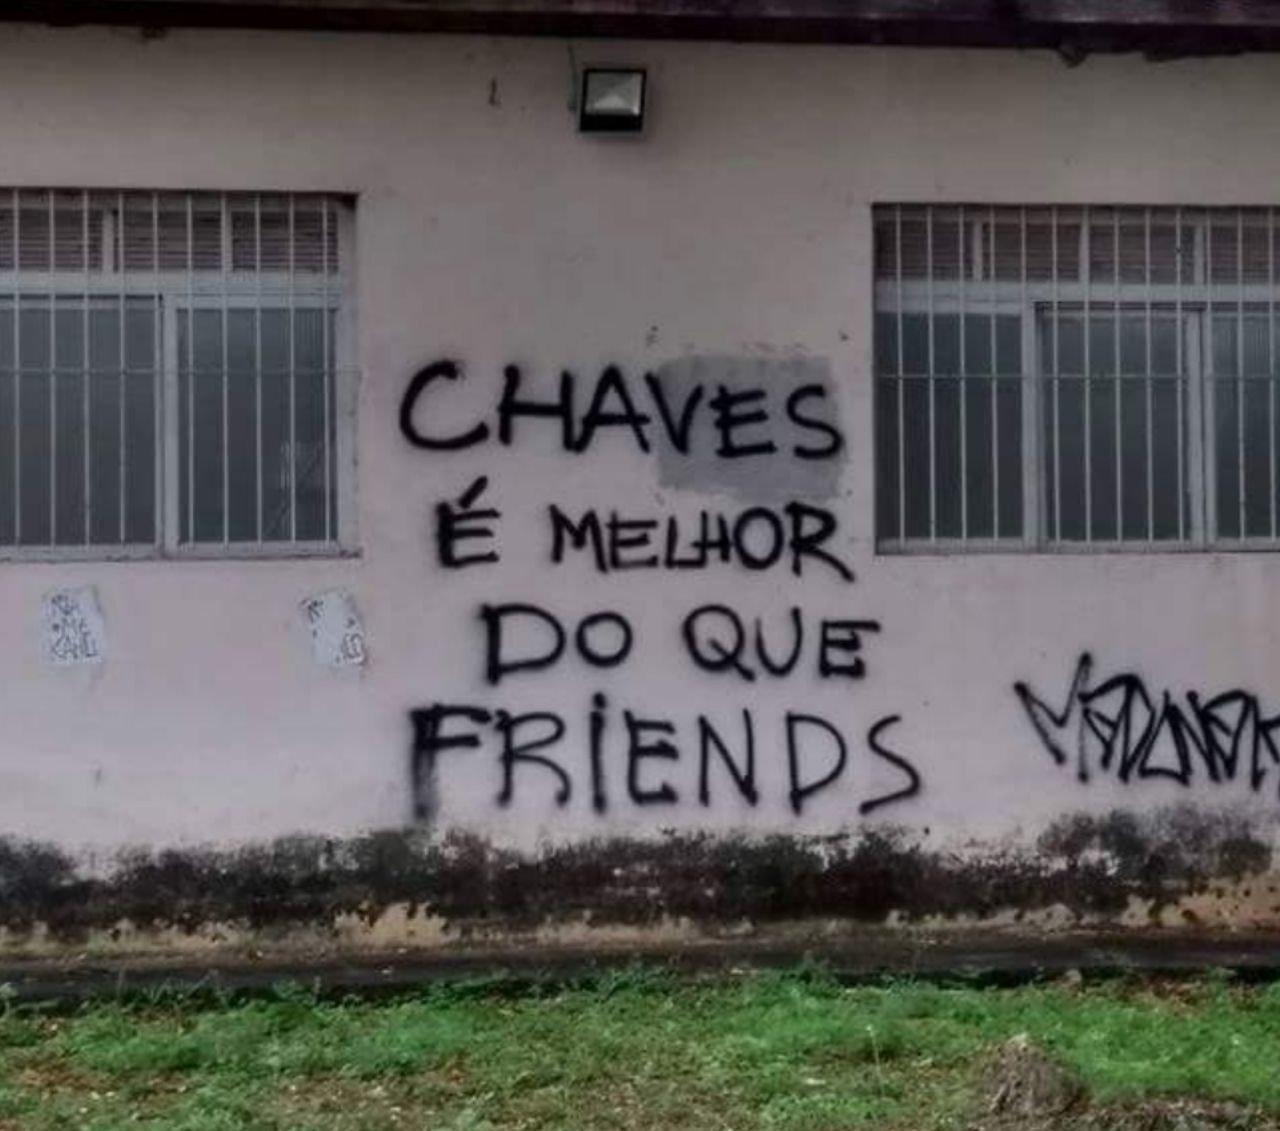 Chaves é melhor do que Friends!